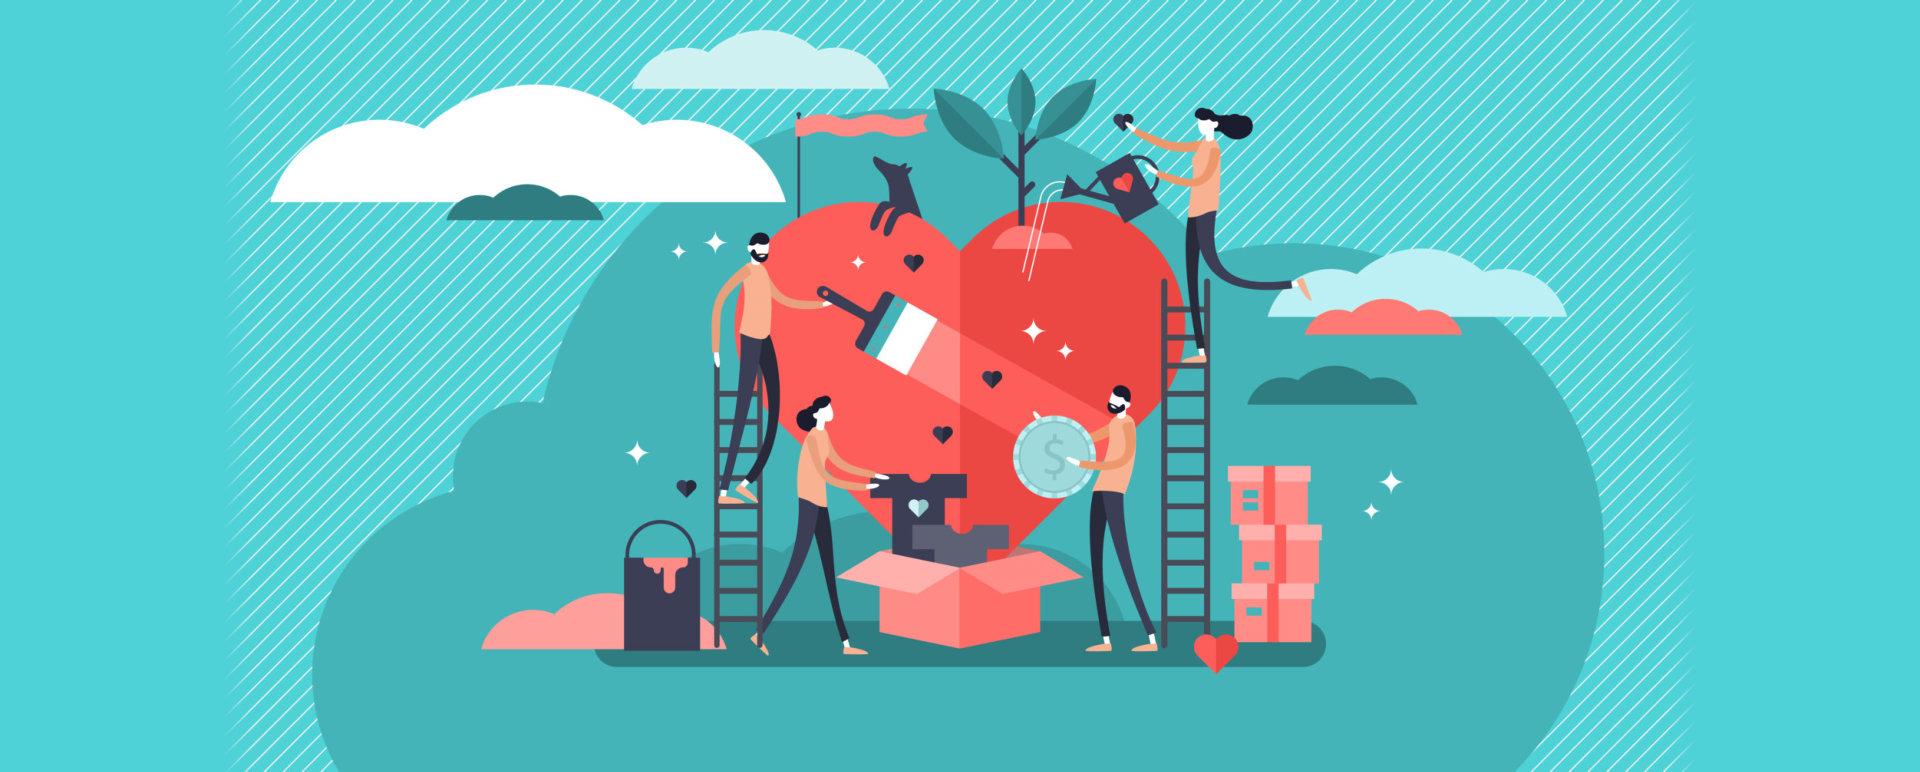 Volunteering vector illustration.